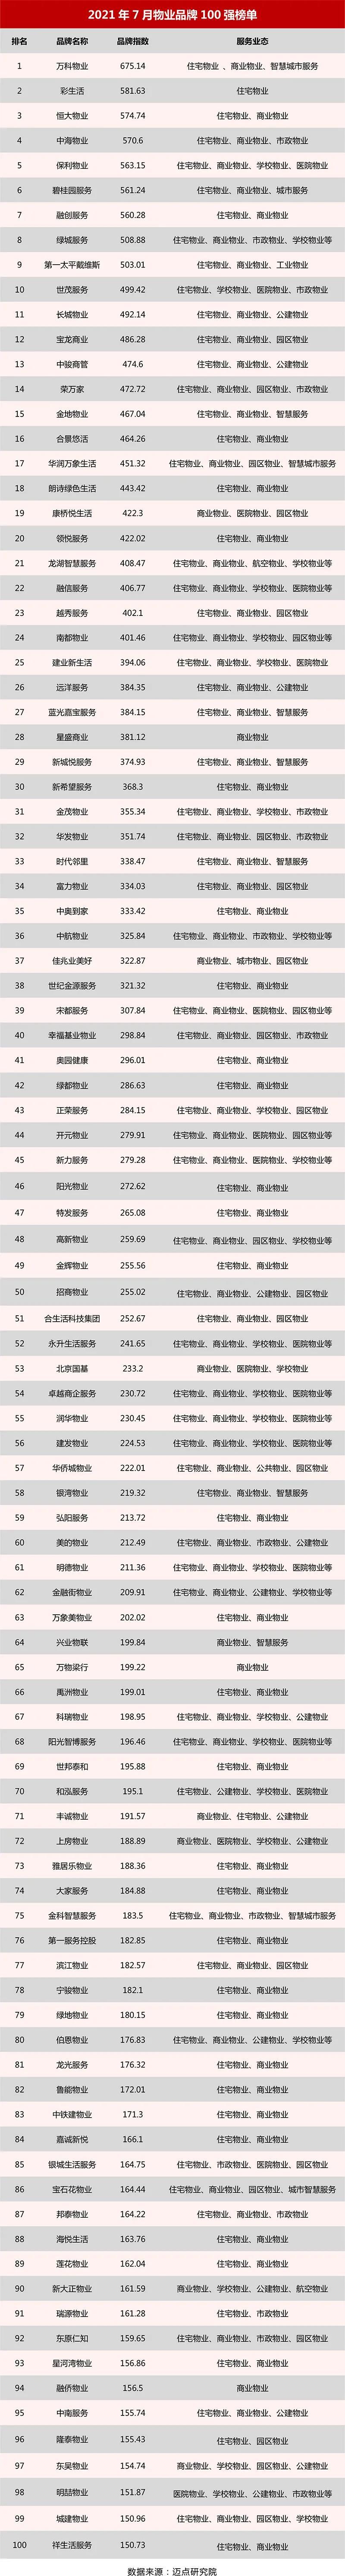 迈点周报:上海与万科签署战略合作框架协议;杭州推官方二手房交易平台;寓小二推出自动到账功能……